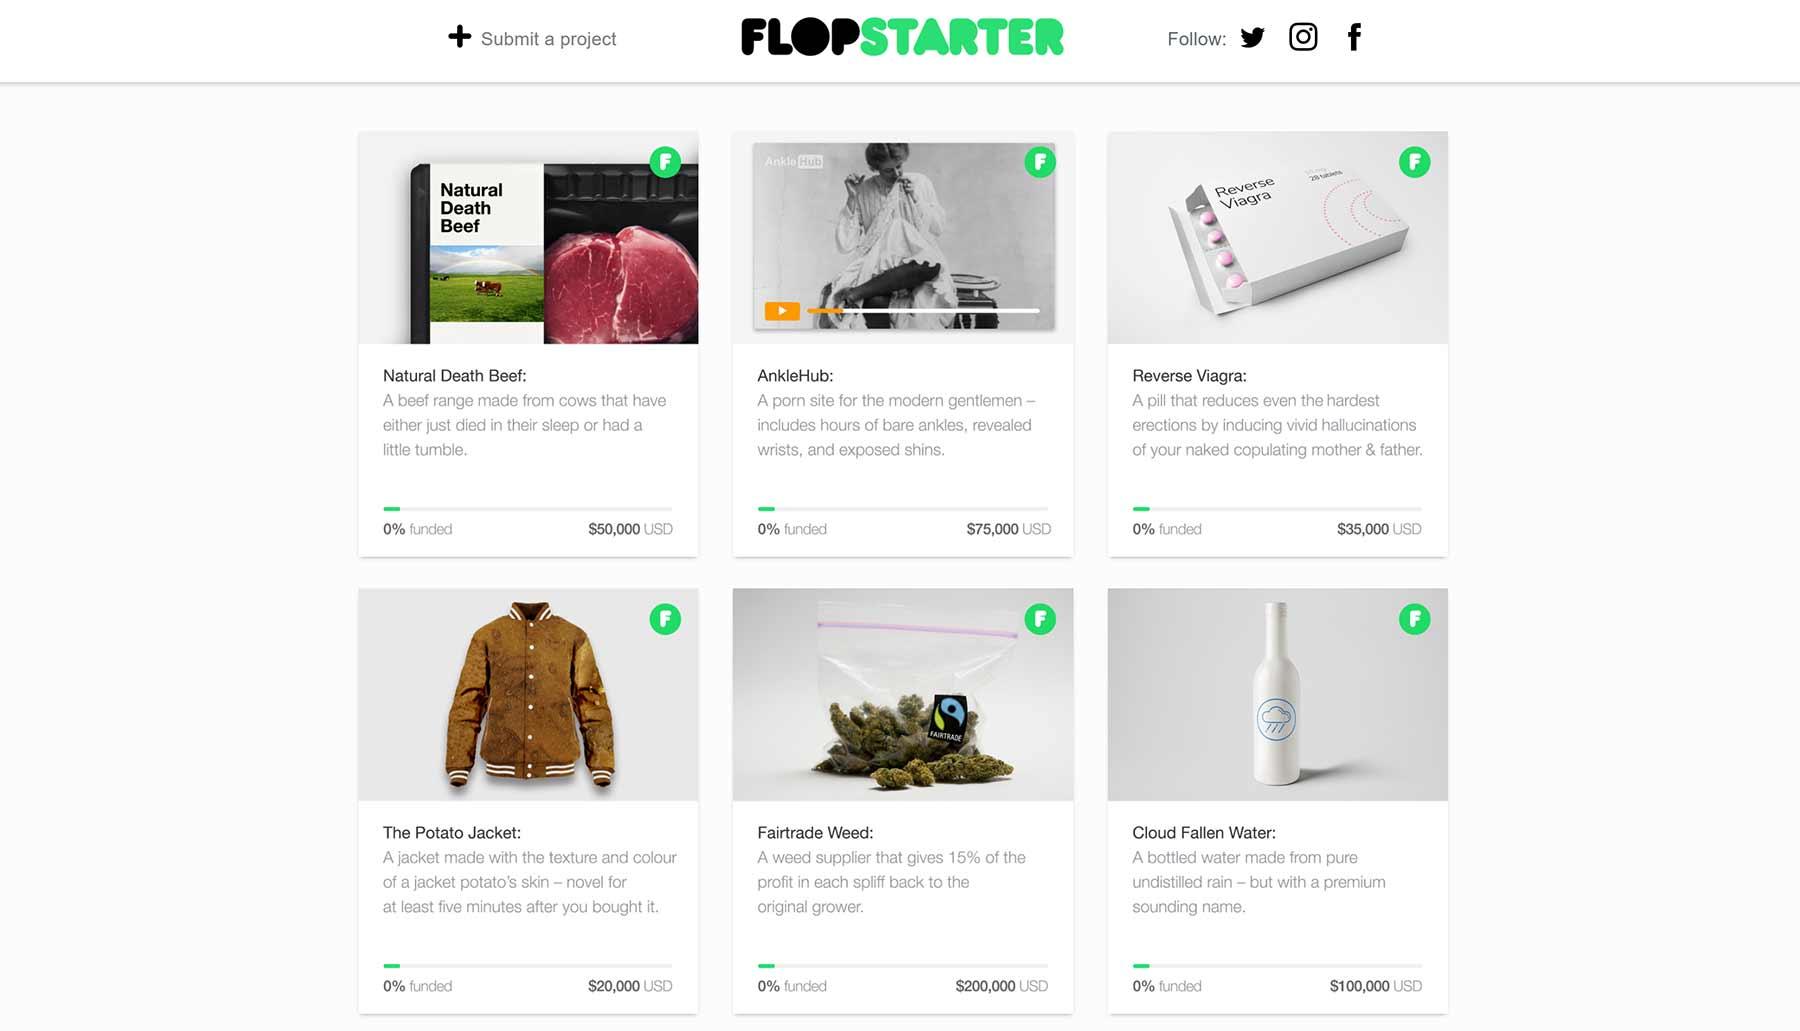 Flopstarter: Plattform für schlechte Ideen flopstarter_01